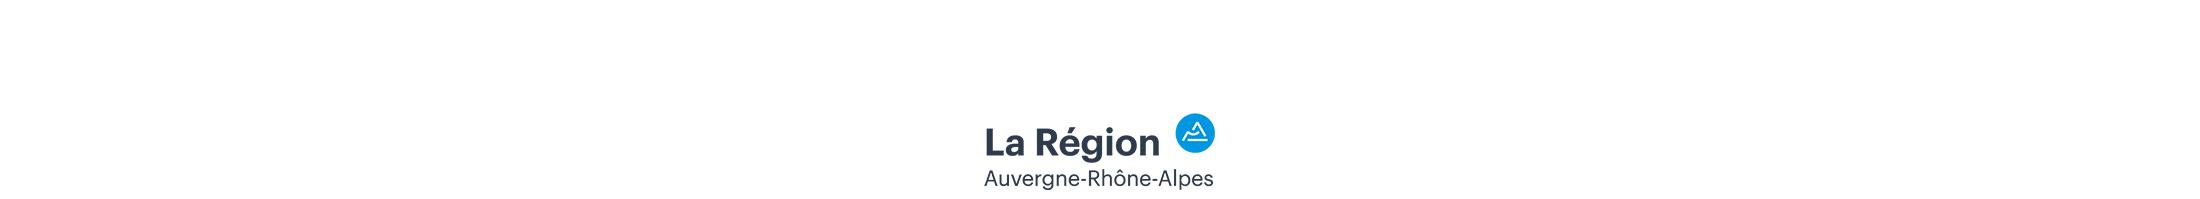 Logo Partenaire Region Auvergne Rhone Alpes Long Petit